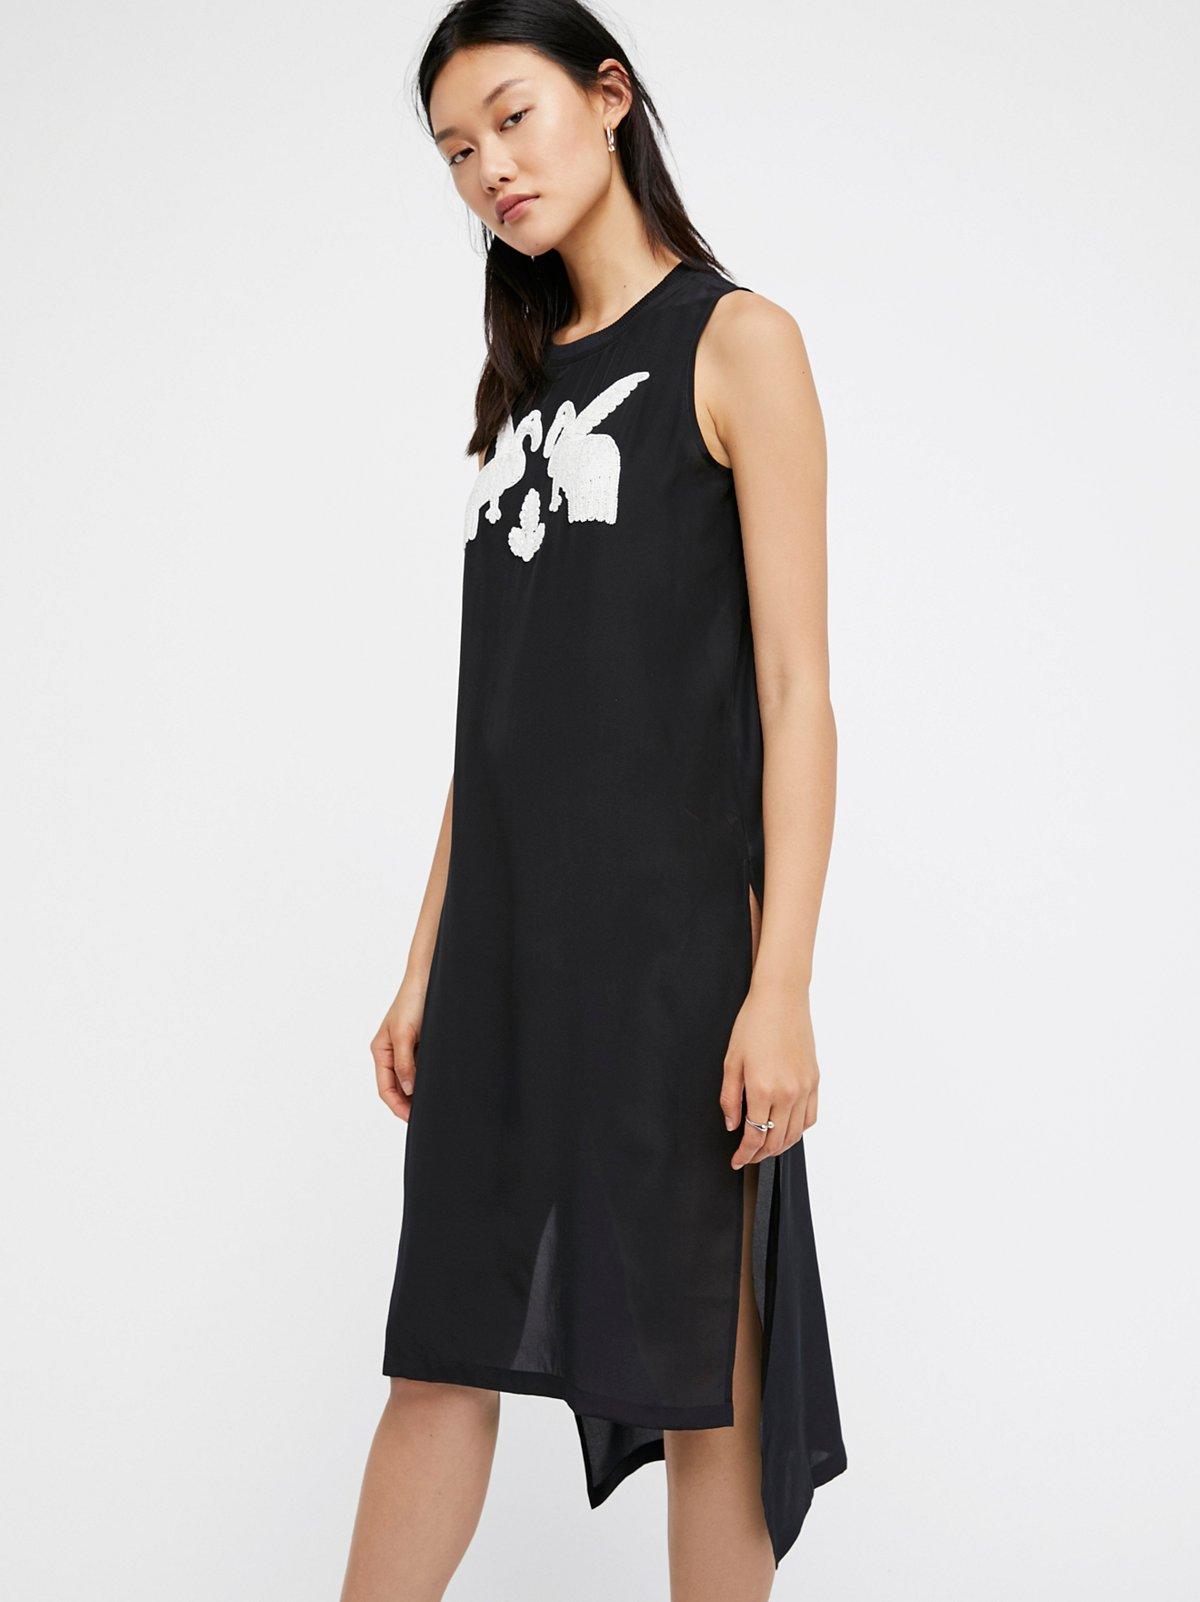 Ibis T-Shirt Dress